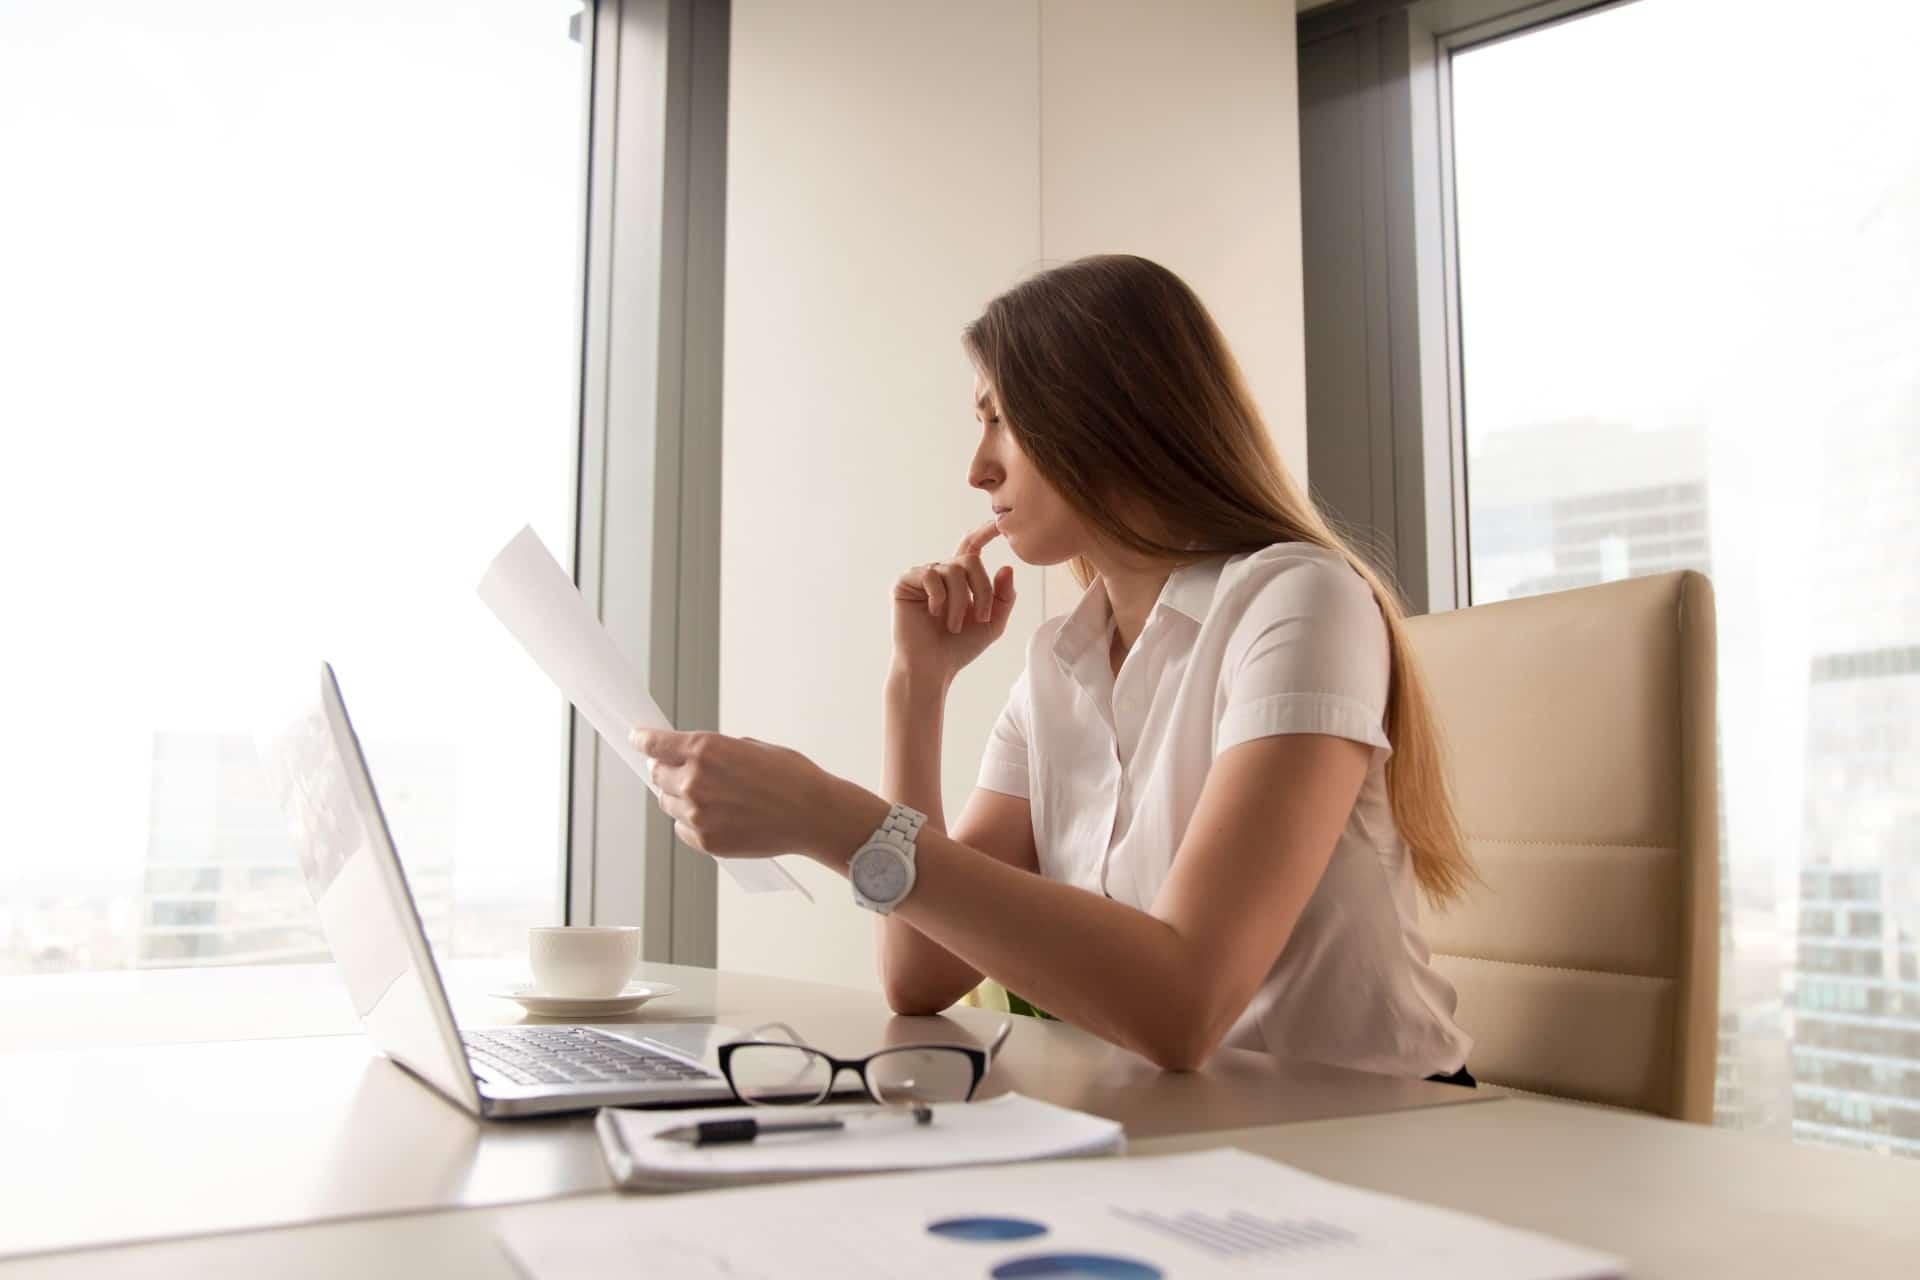 internetes bevétel költség nélkül